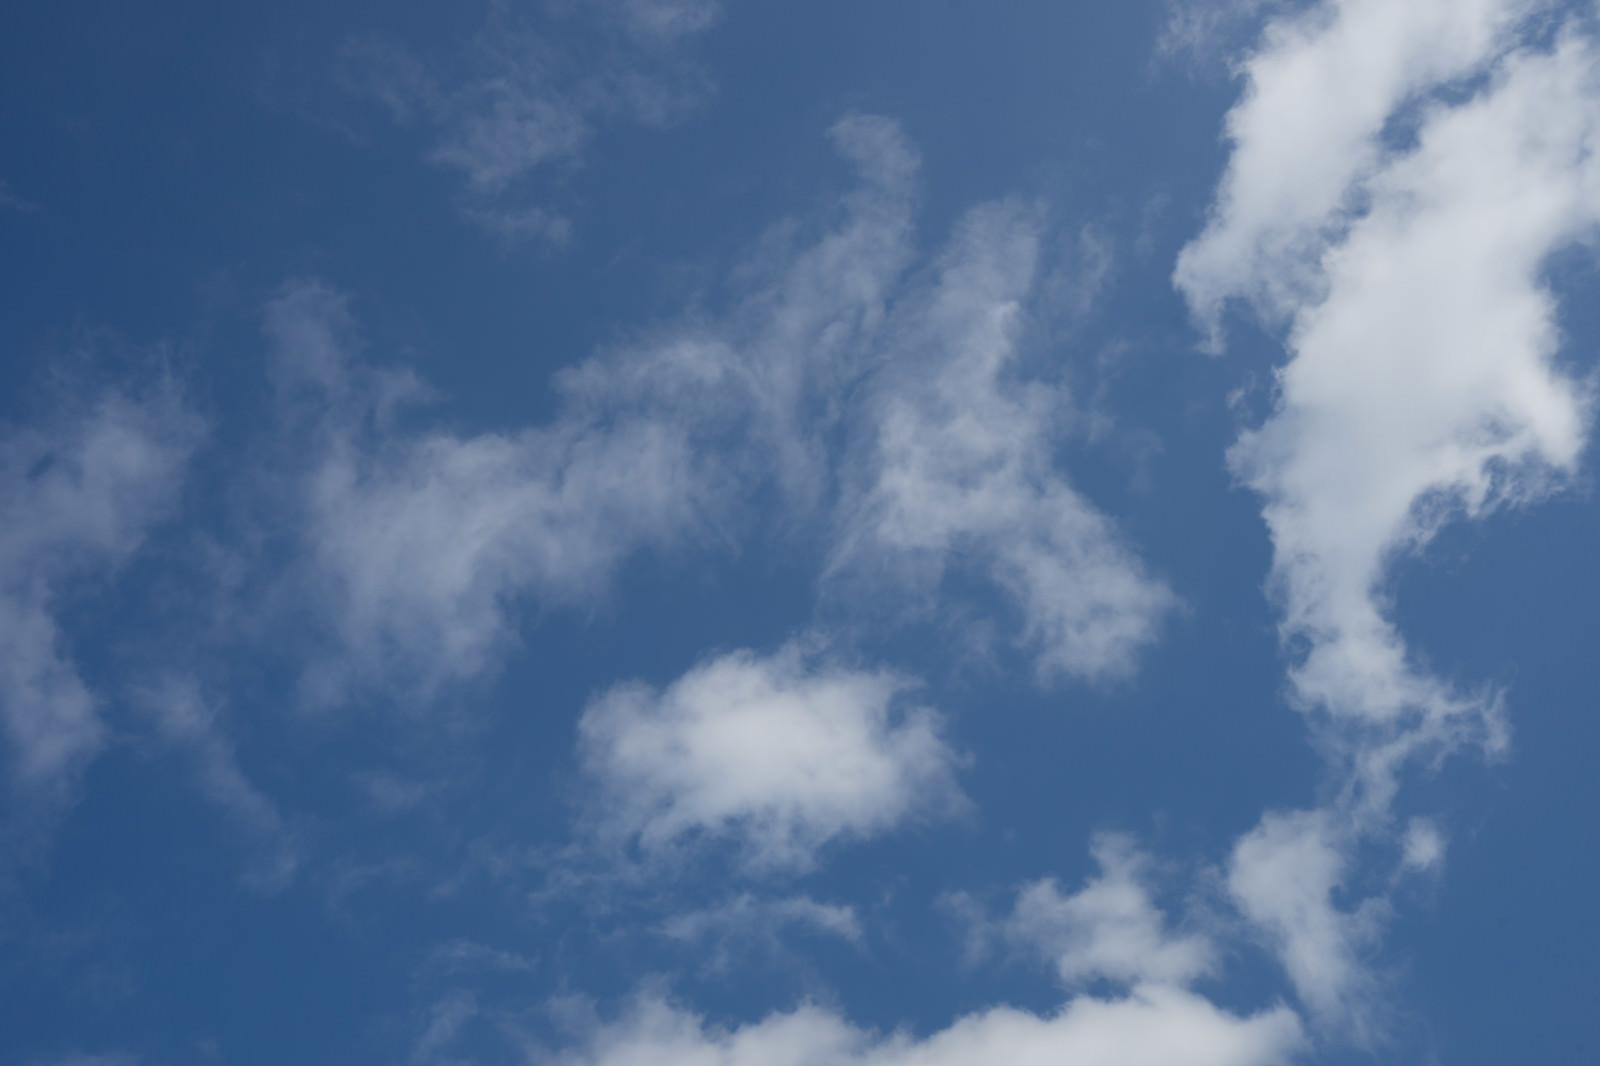 「青く晴れた空と雲青く晴れた空と雲」のフリー写真素材を拡大